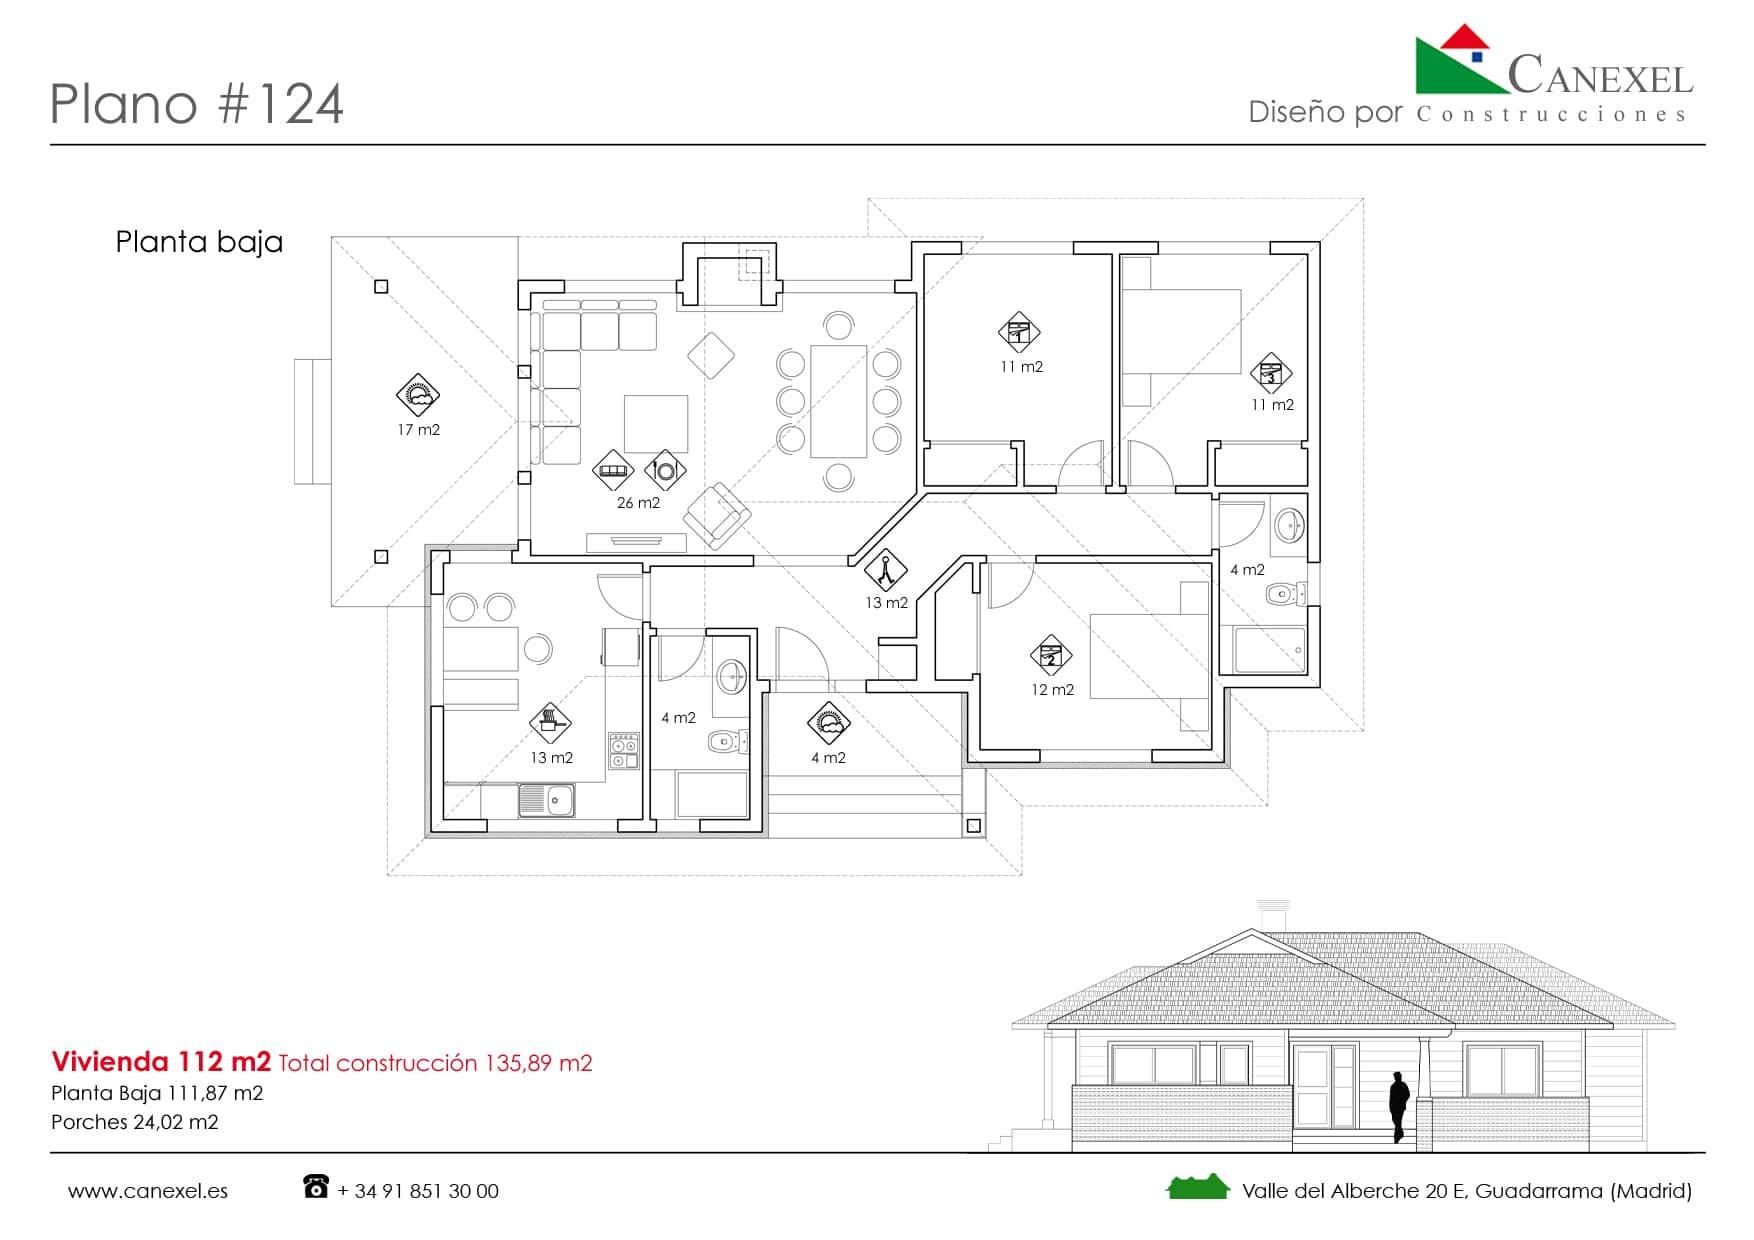 Planos de casas de una planta canexel for Ver planos de casas de una planta